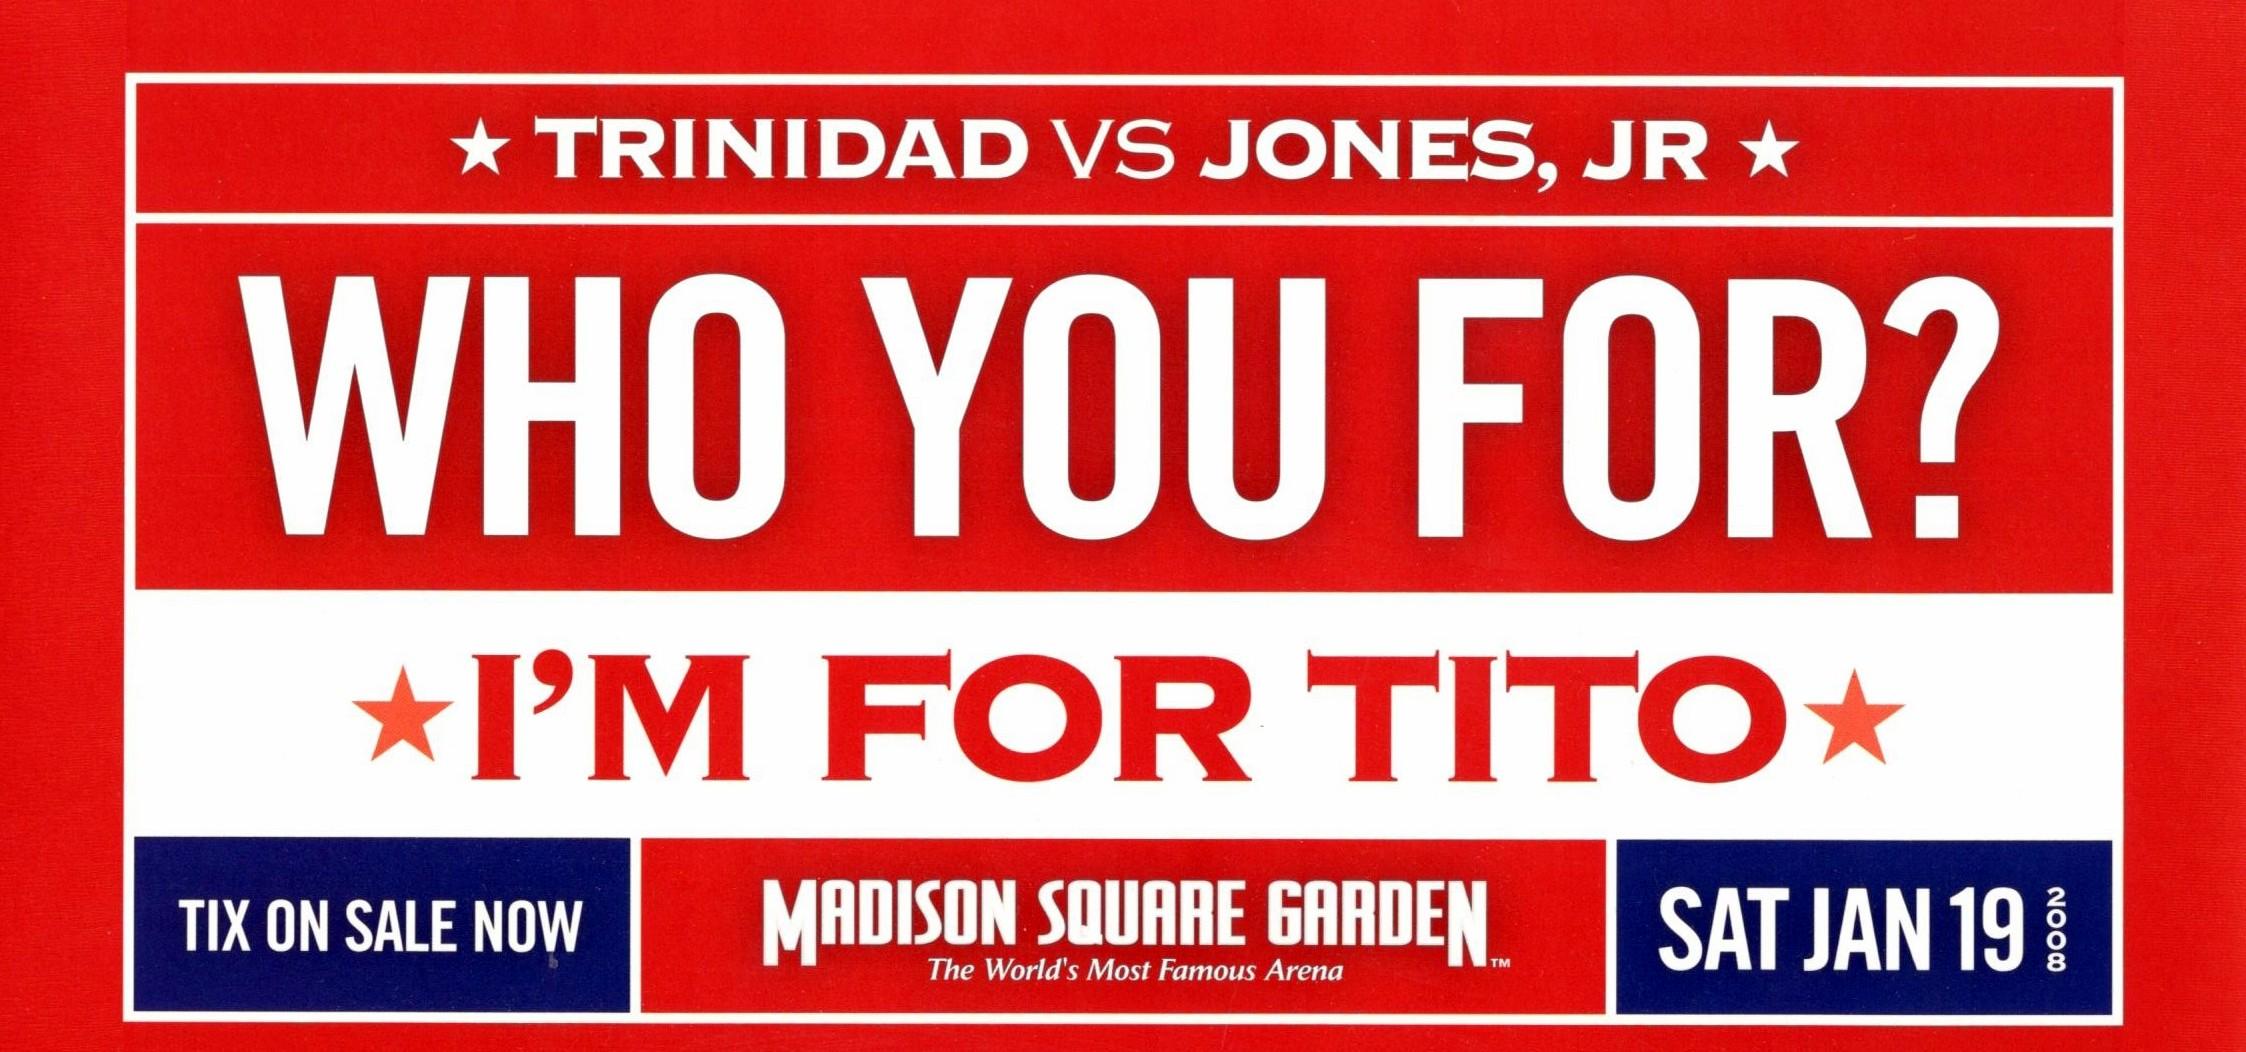 Fight promotion - Jones vs. Trinidad - Banner 2008.